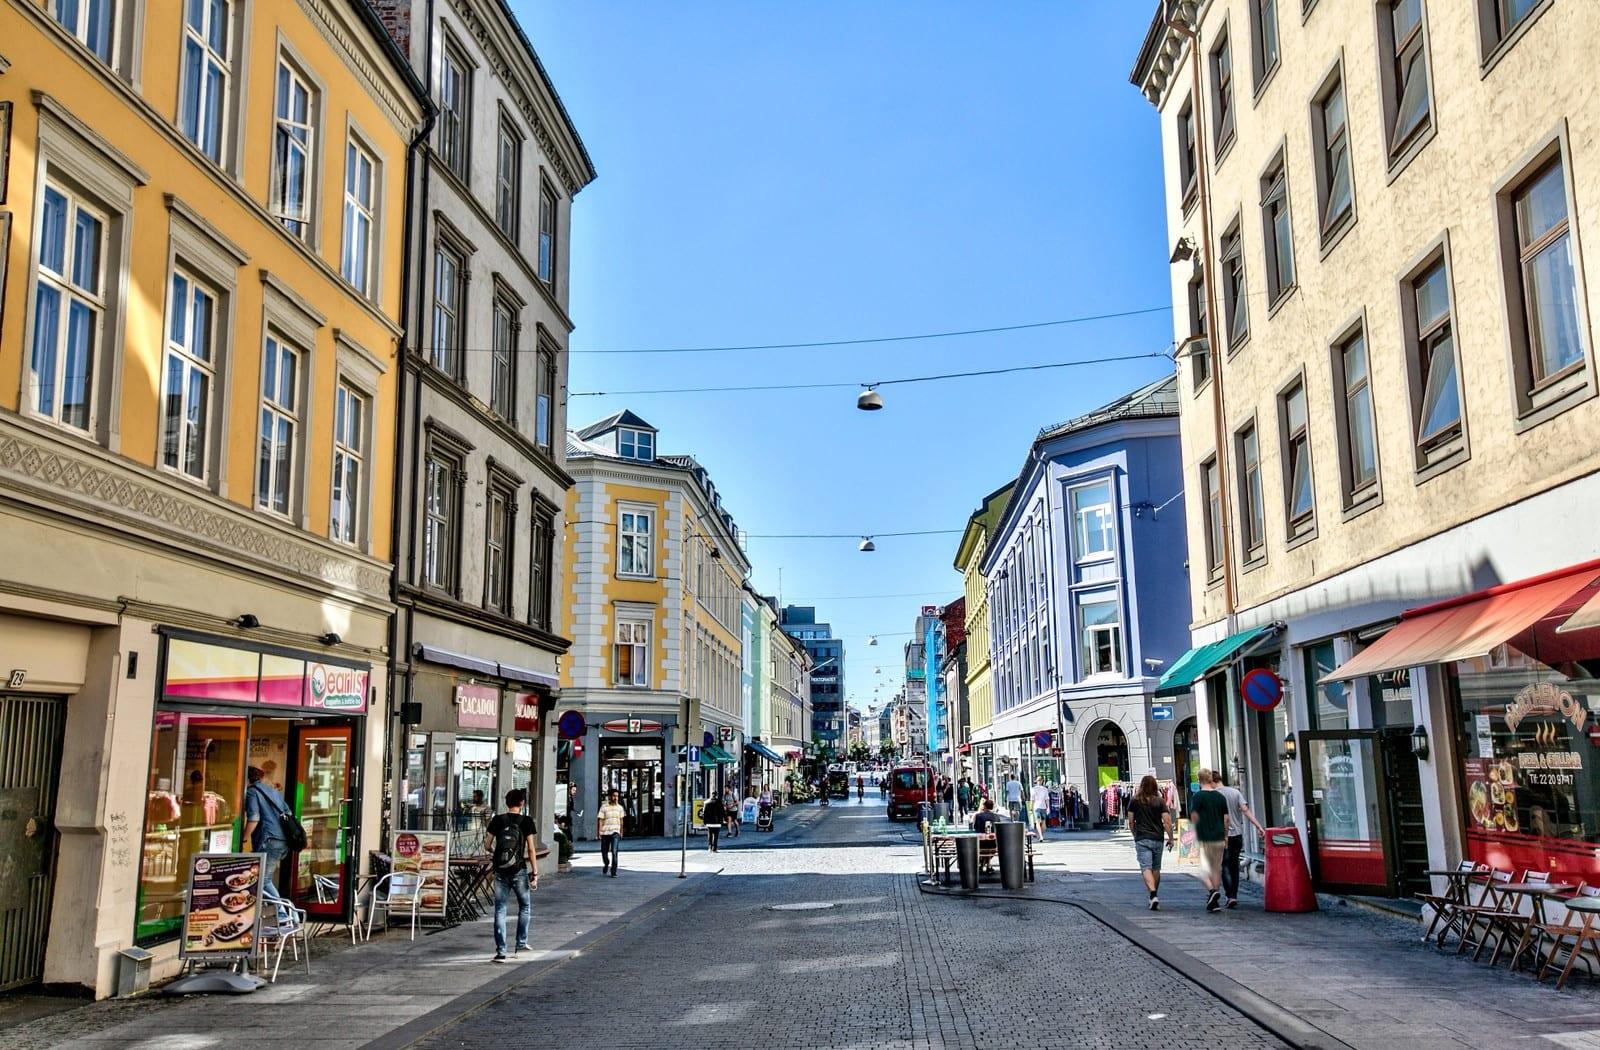 Torggata byr på et bredt utvalg av butikker, barer, restauranter og kafeer